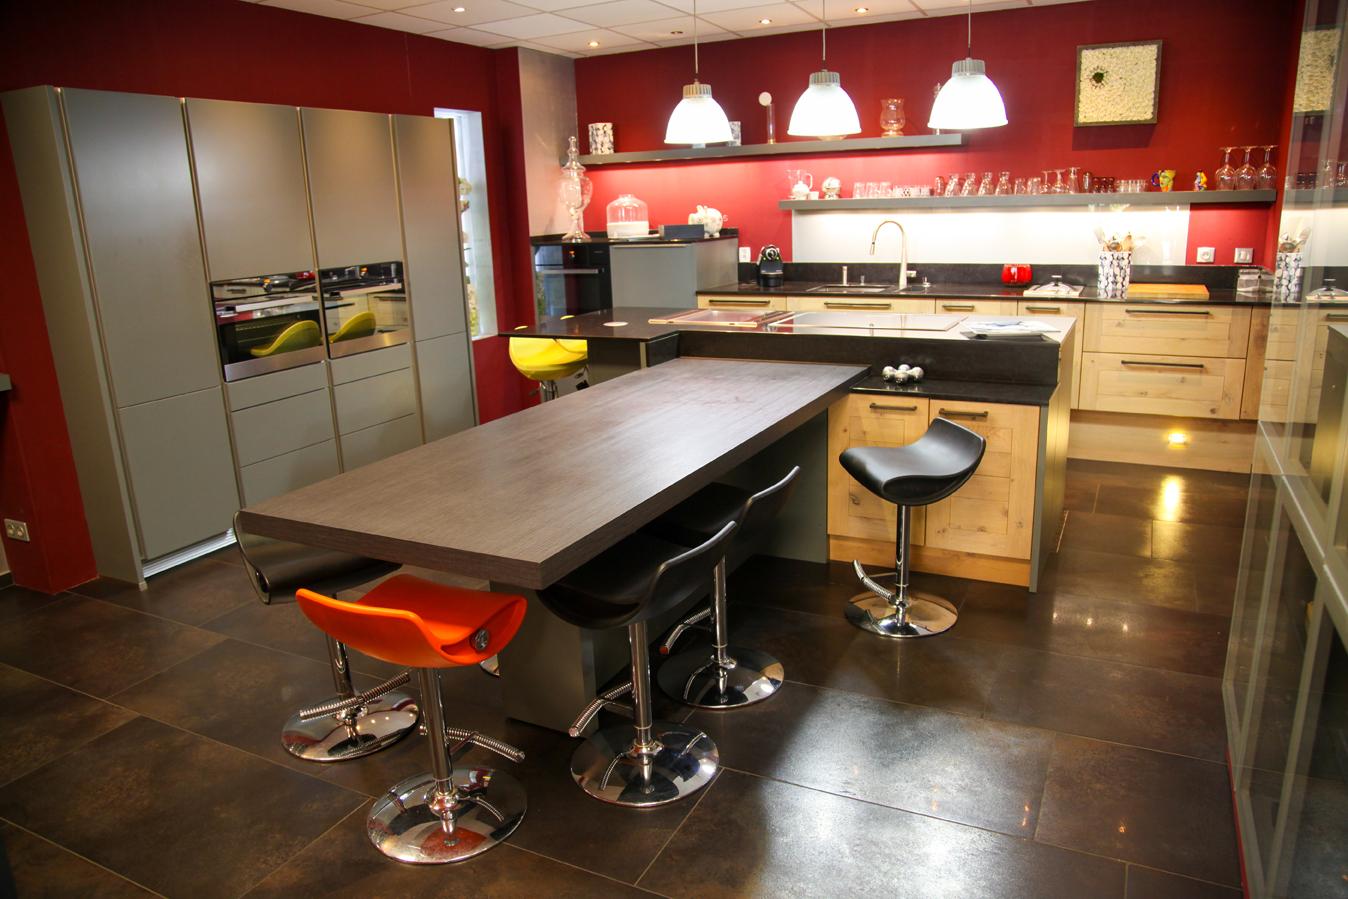 Pisode 5 petit c 39 est bien aussi cuisines et bains - La cuisine c est aussi de la chimie ...